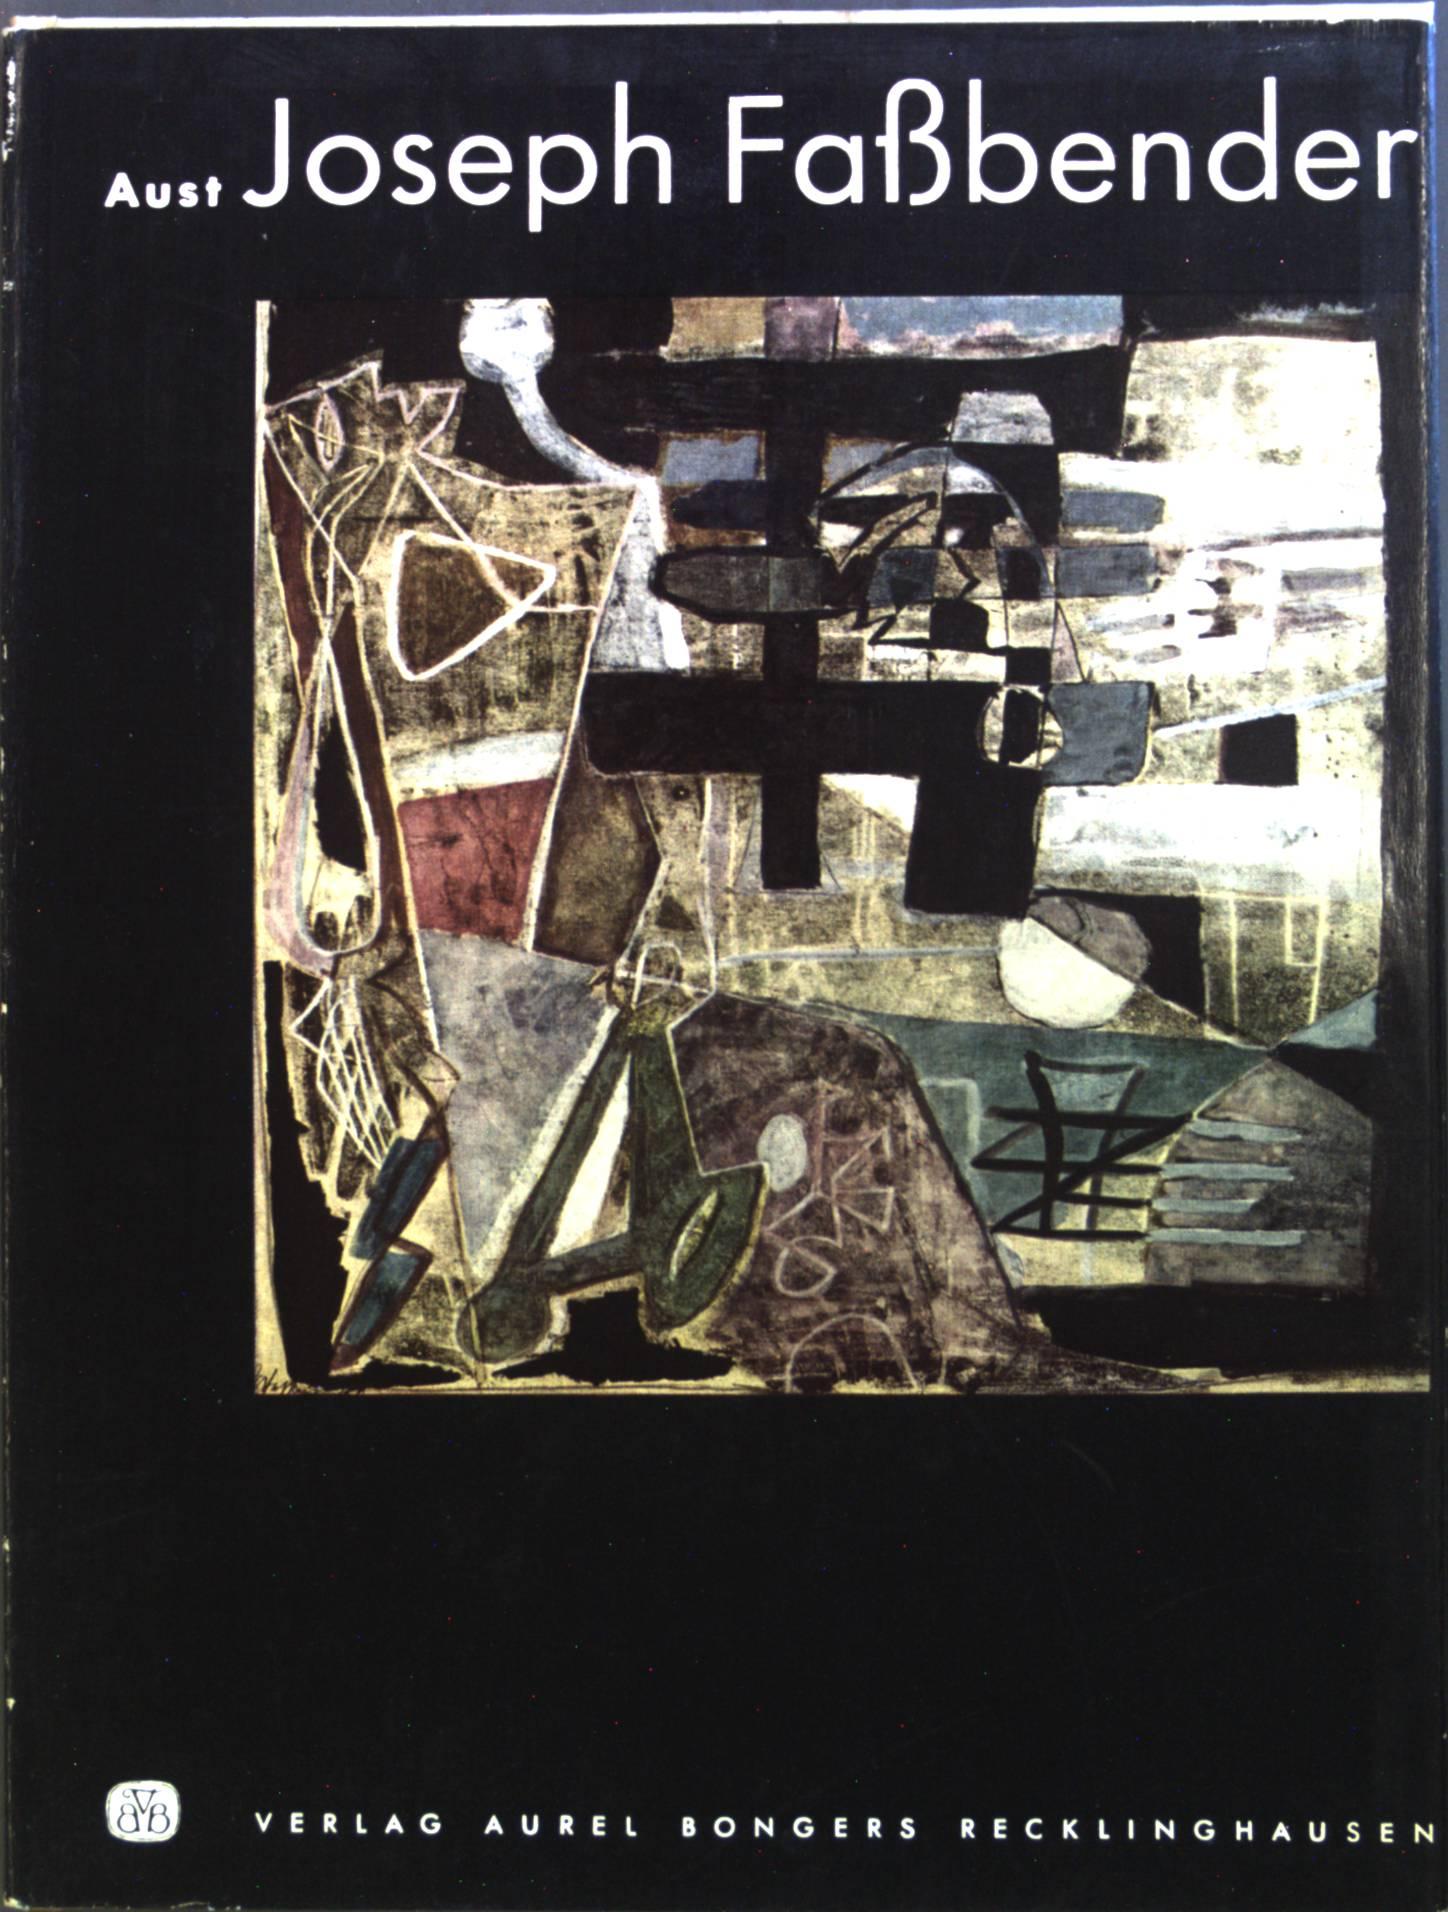 Joseph Fassbender. Monographien zur rheinisch-westfälischen Kunst der: Aust, Gunter: